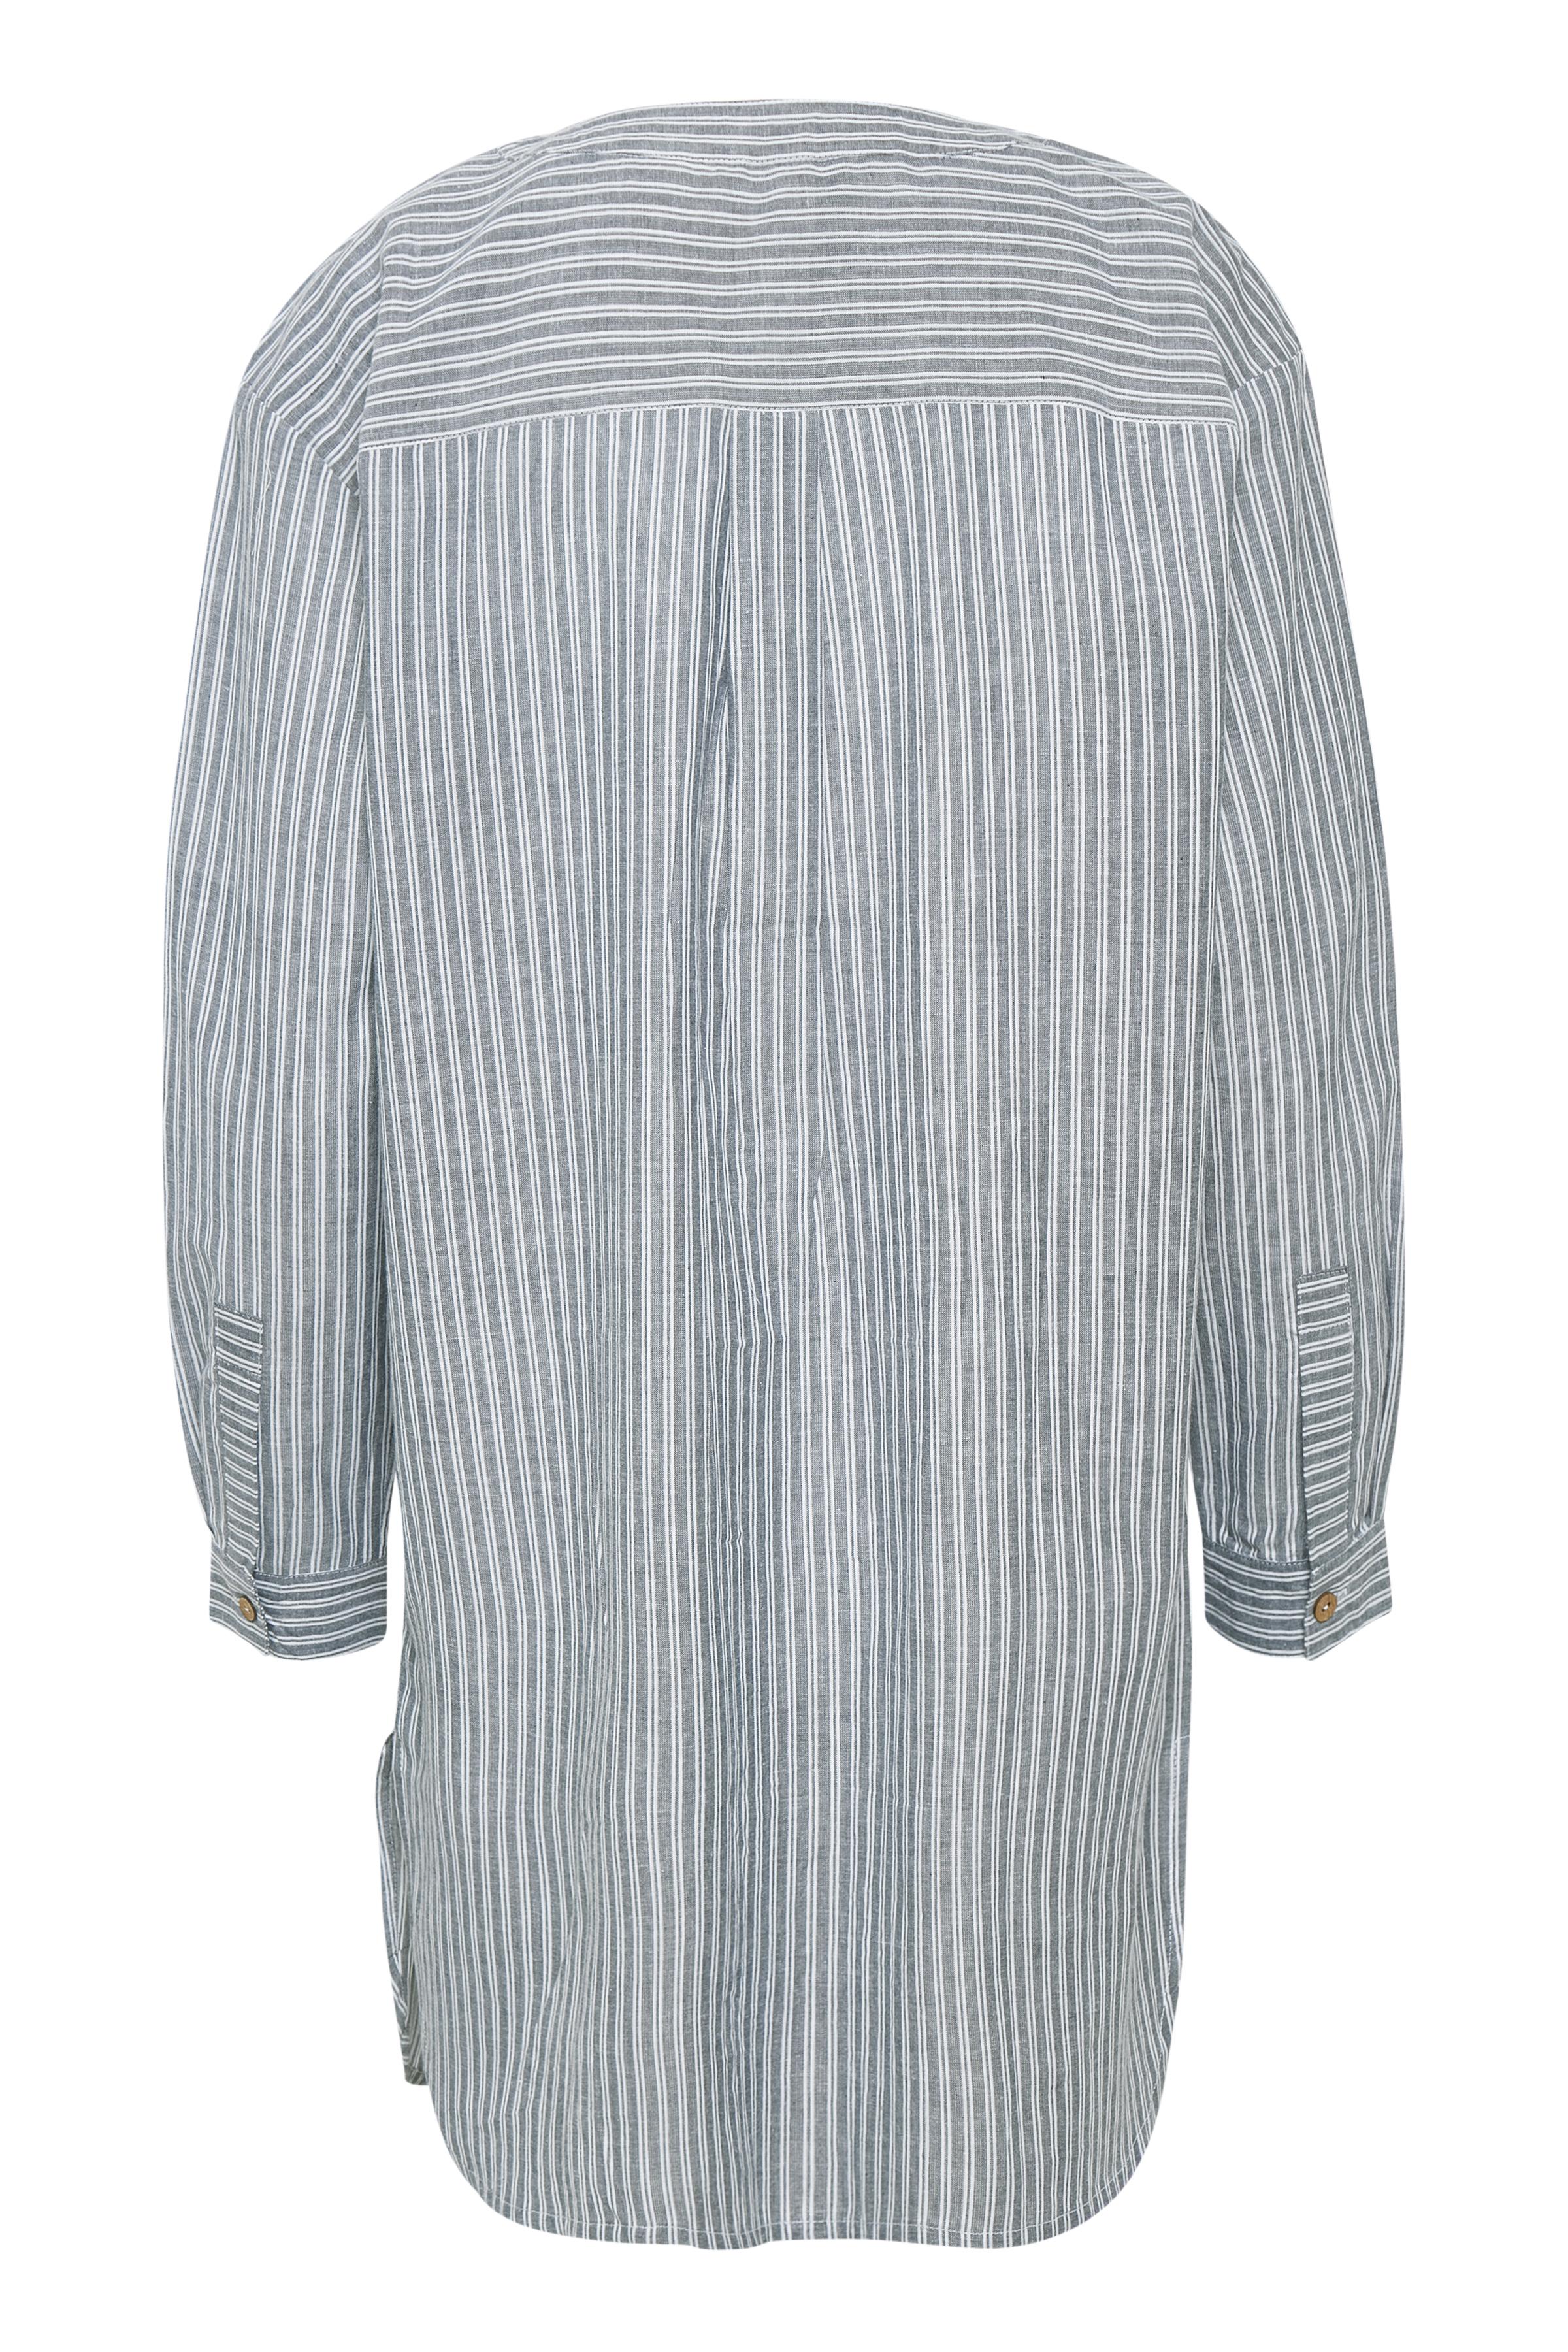 Ljusblå/vit Tunika från Bon'A Parte – Köp Ljusblå/vit Tunika från stl. S-2XL här